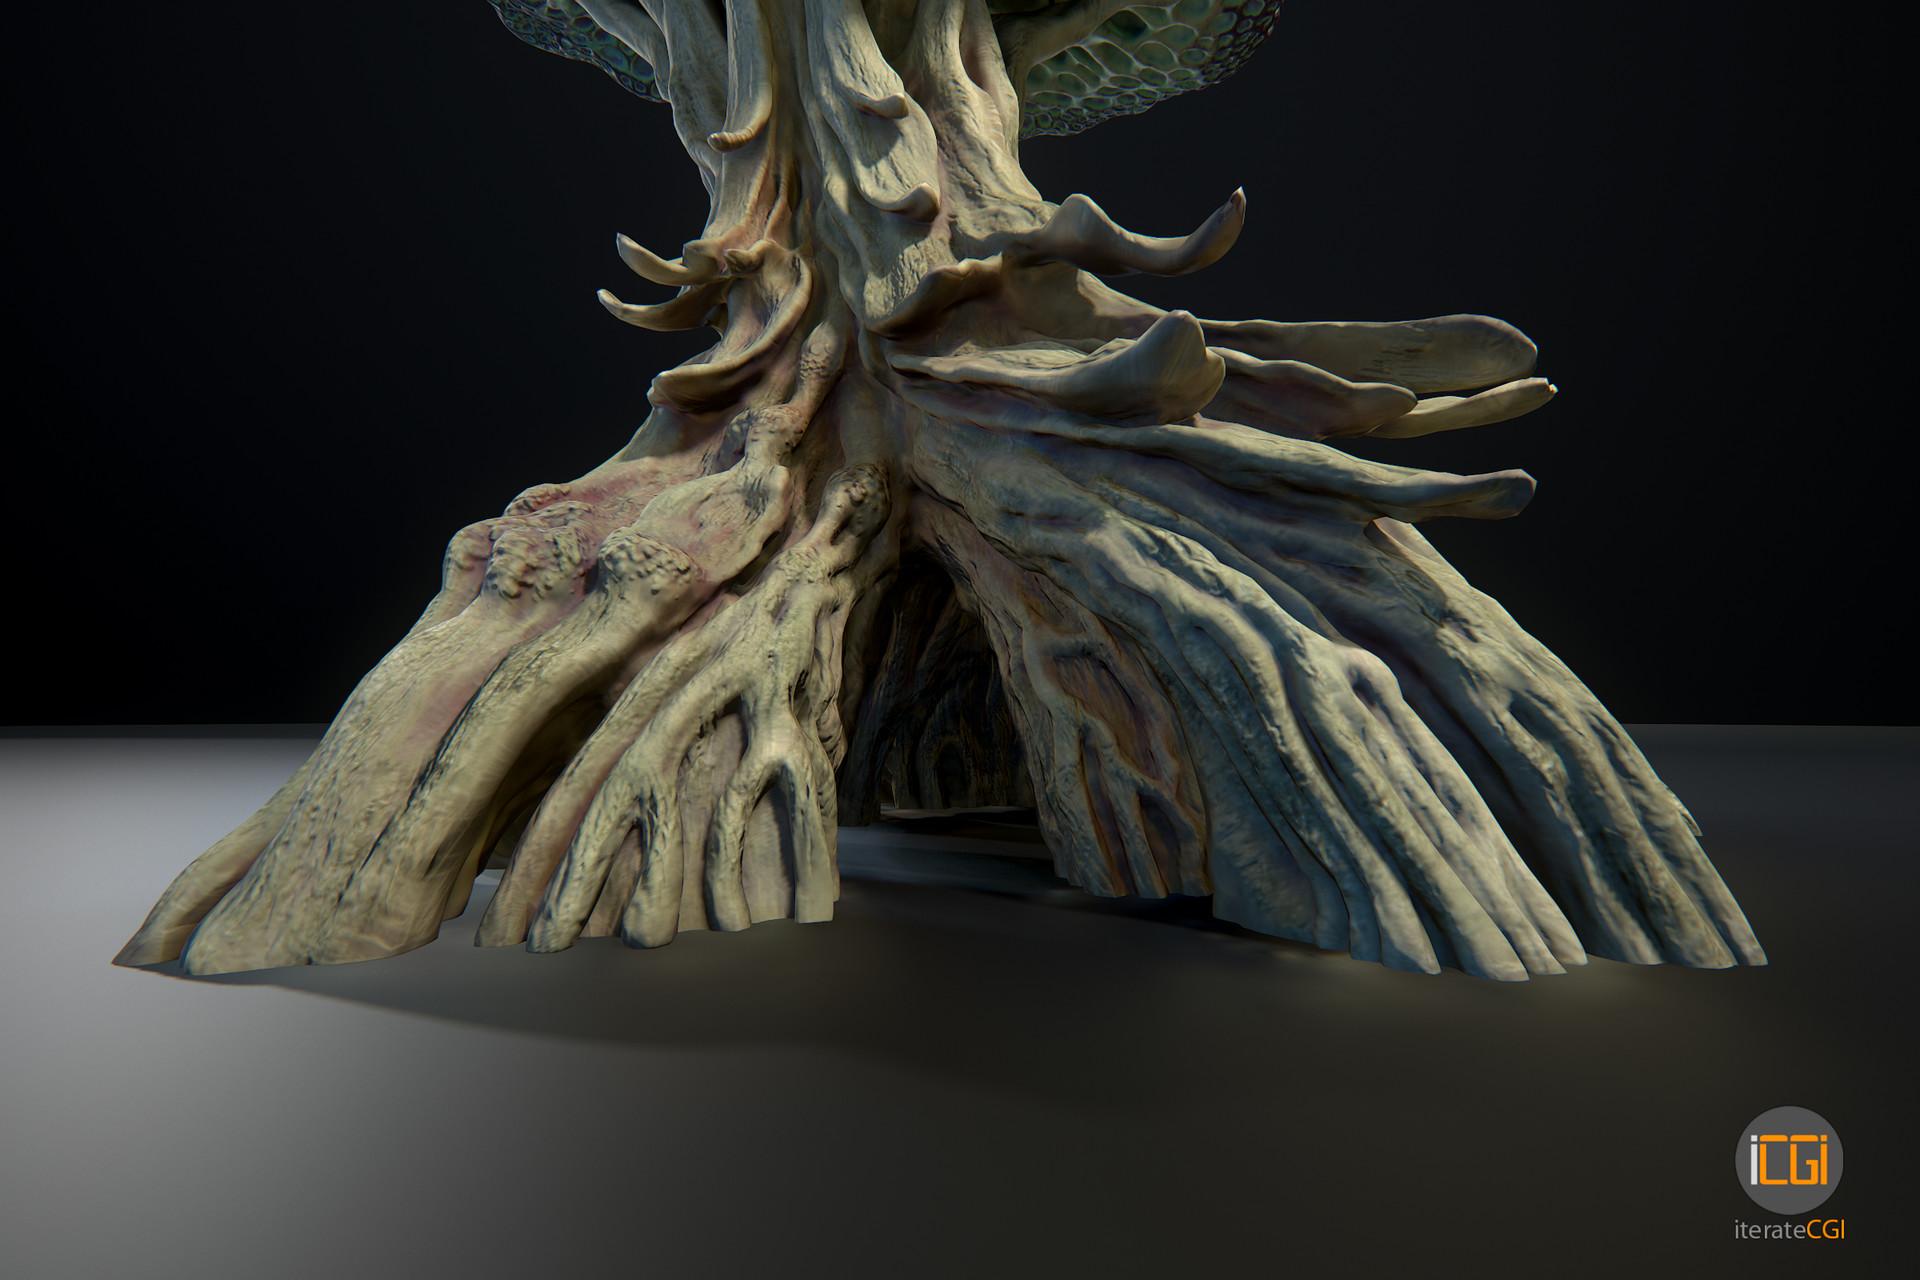 Johan de leenheer alien plant mushroom type2 15